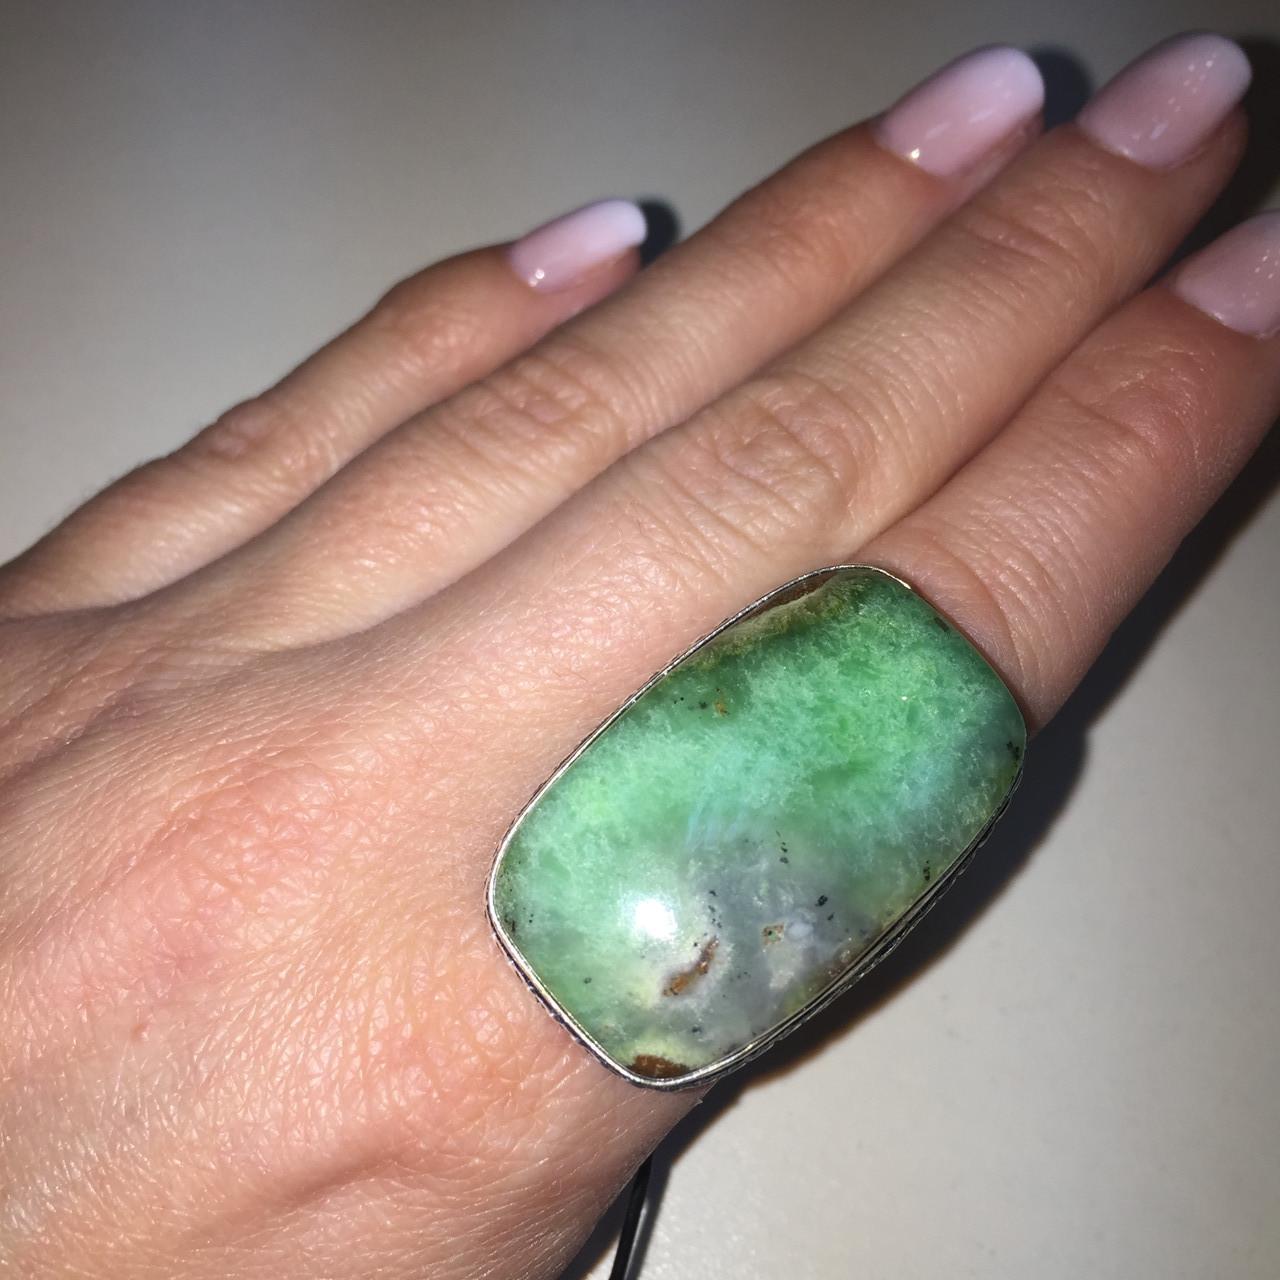 Красивое кольцо с хризопразом 16,5-17 размер. Кольцо природный хризопраз в серебре Индия